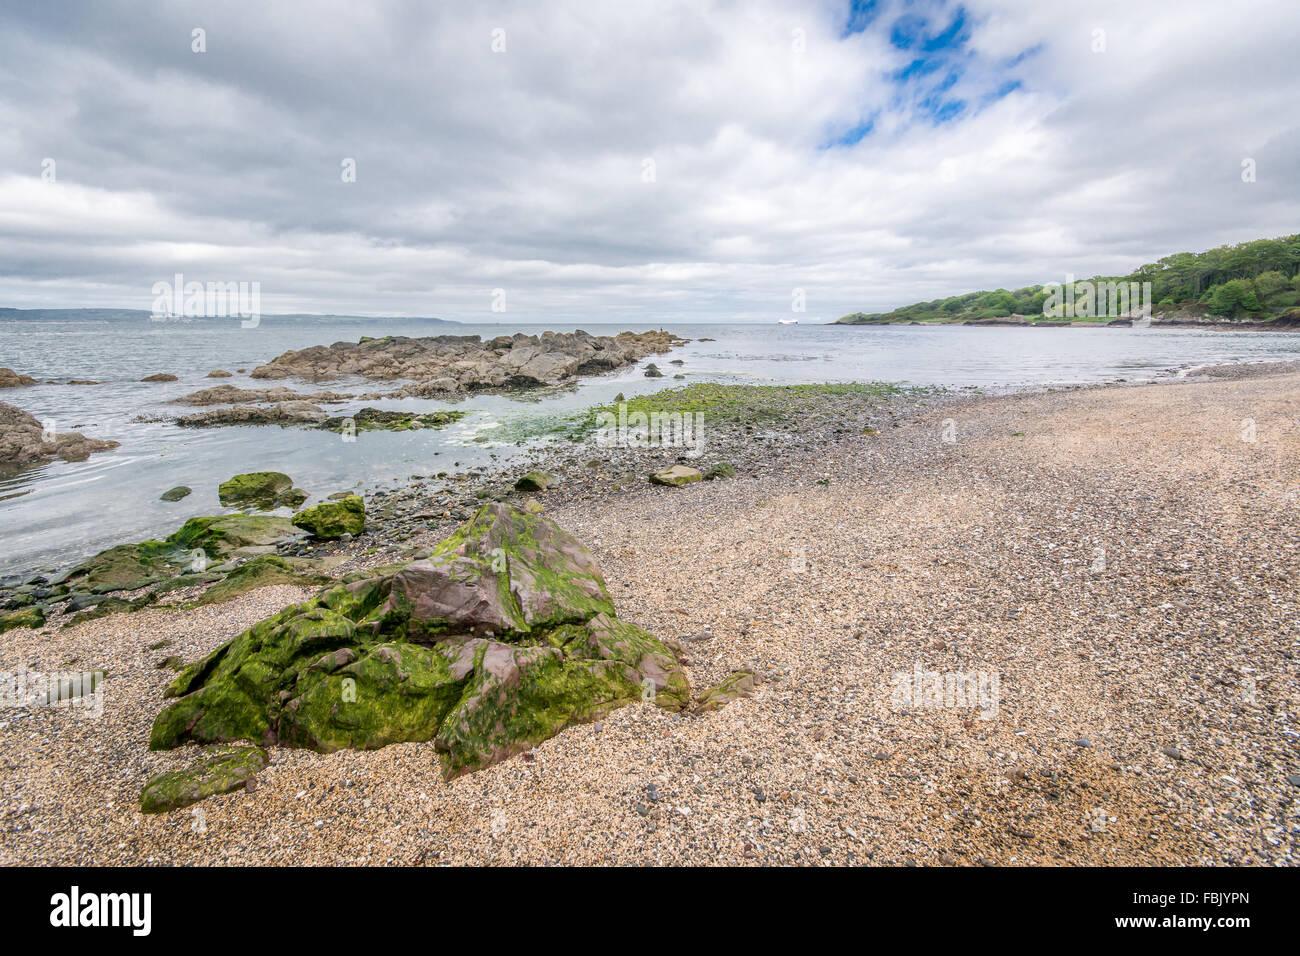 Einen kleinen Ausschnitt aus der Selbstabholermarkt-Strand im County Down in Nordirland Stockbild